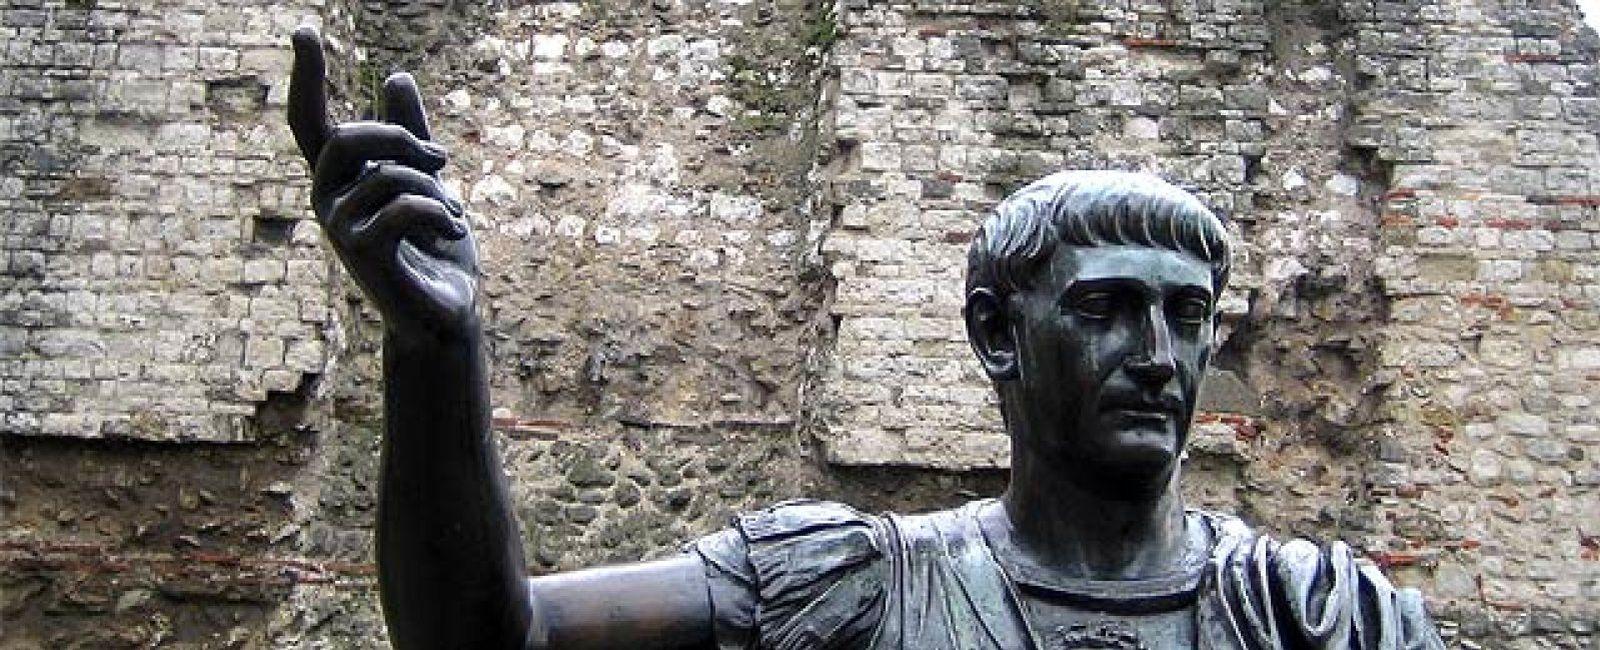 el hormign romano era mejor que el actual y menos noticias de tecnologa